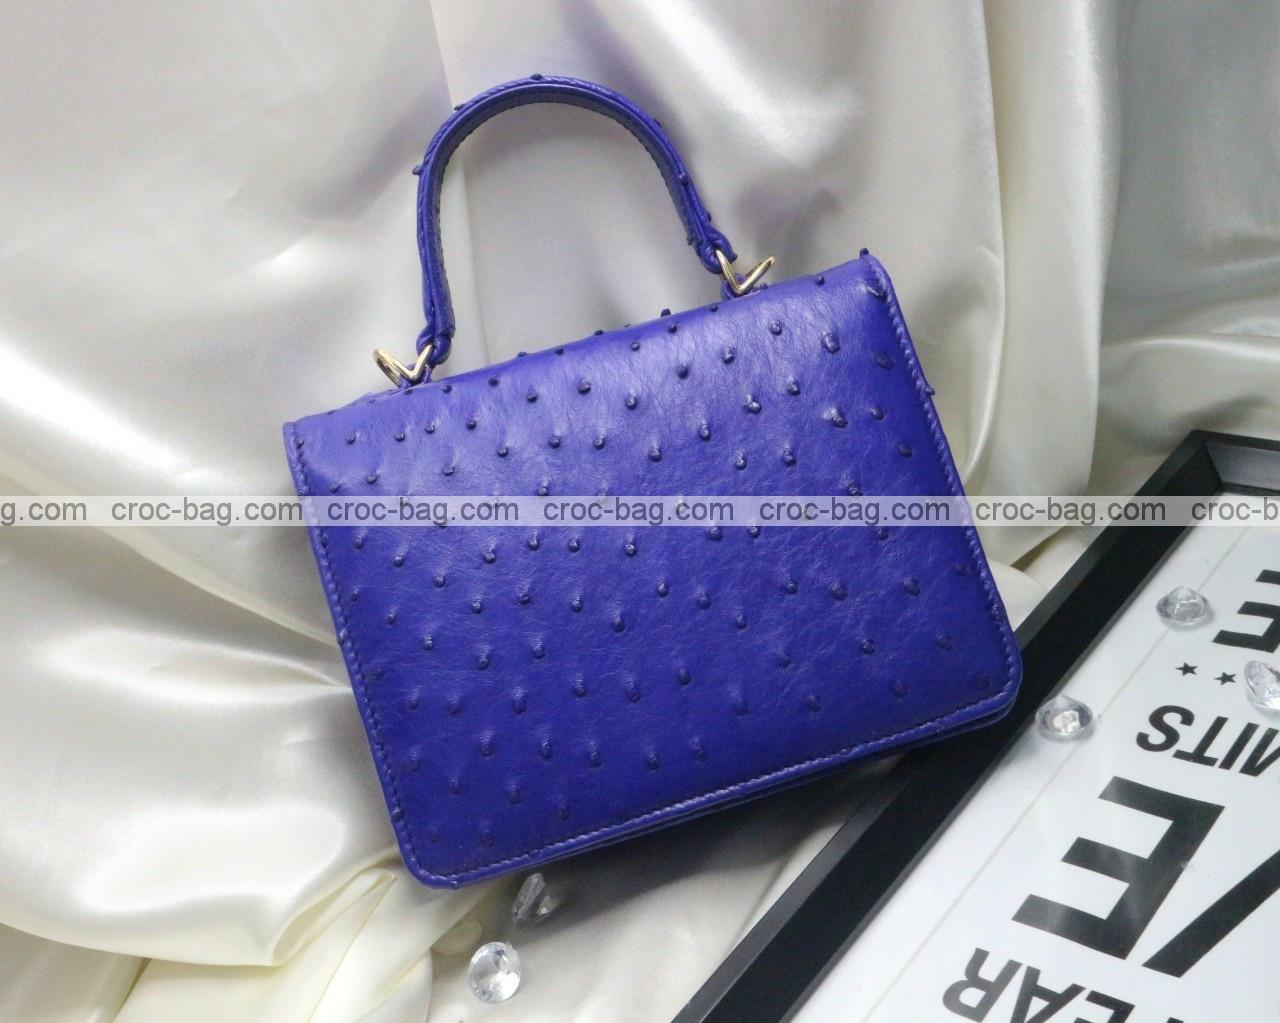 กระเป๋าหนังนกกระจอกเทศหรับผู้หญิง 5290